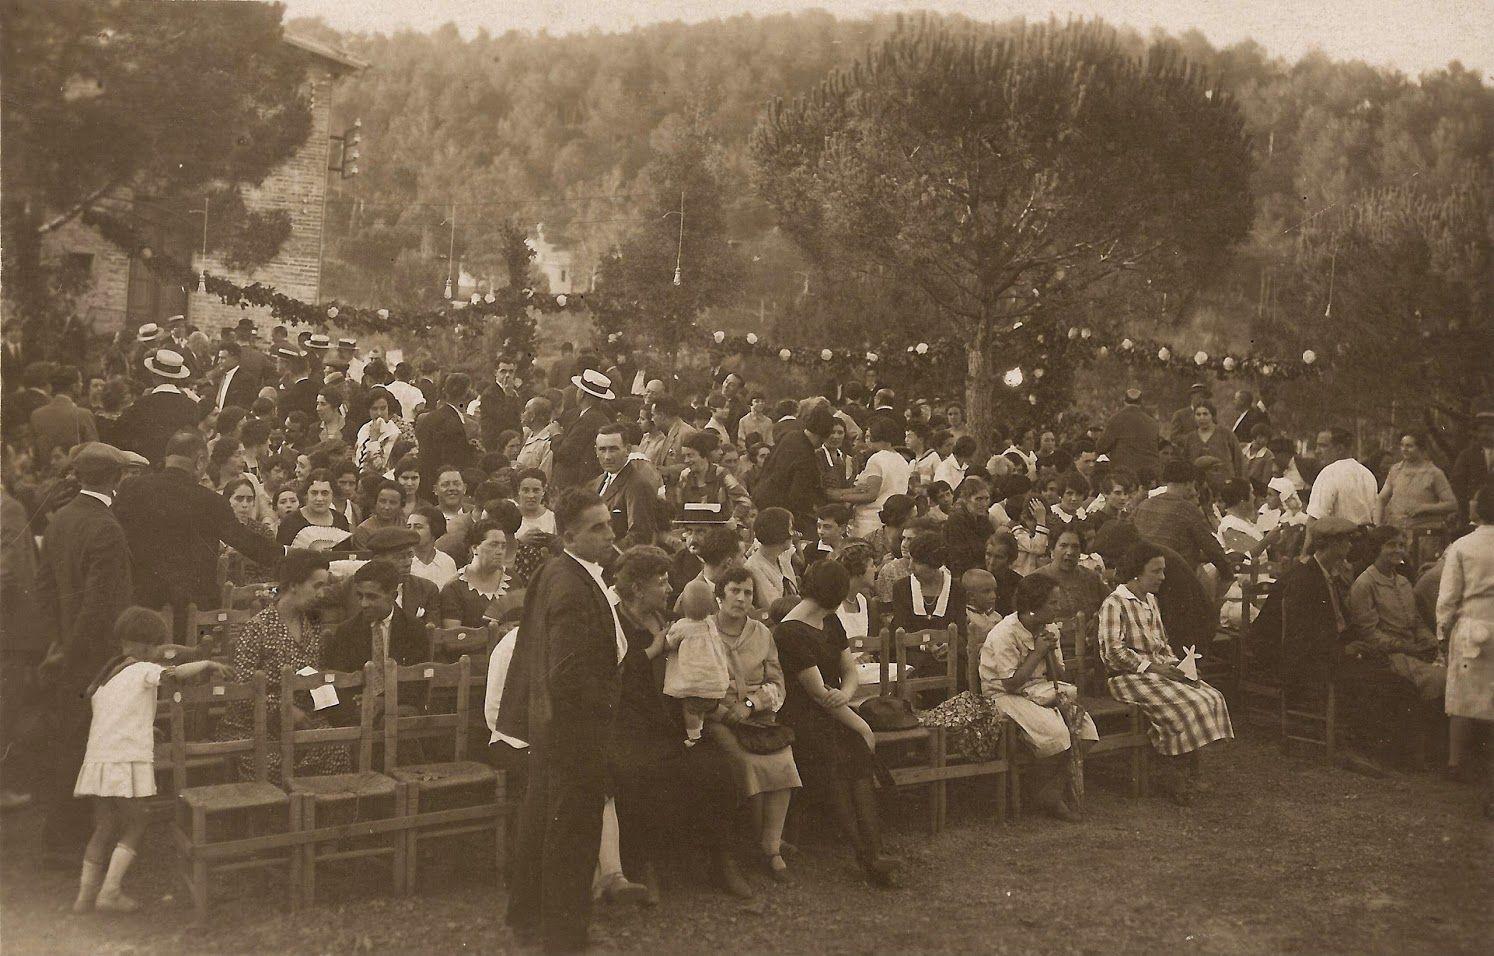 Representació teatral a la Floresta el 1925. FOTO: Cedida/Ricard Mestre